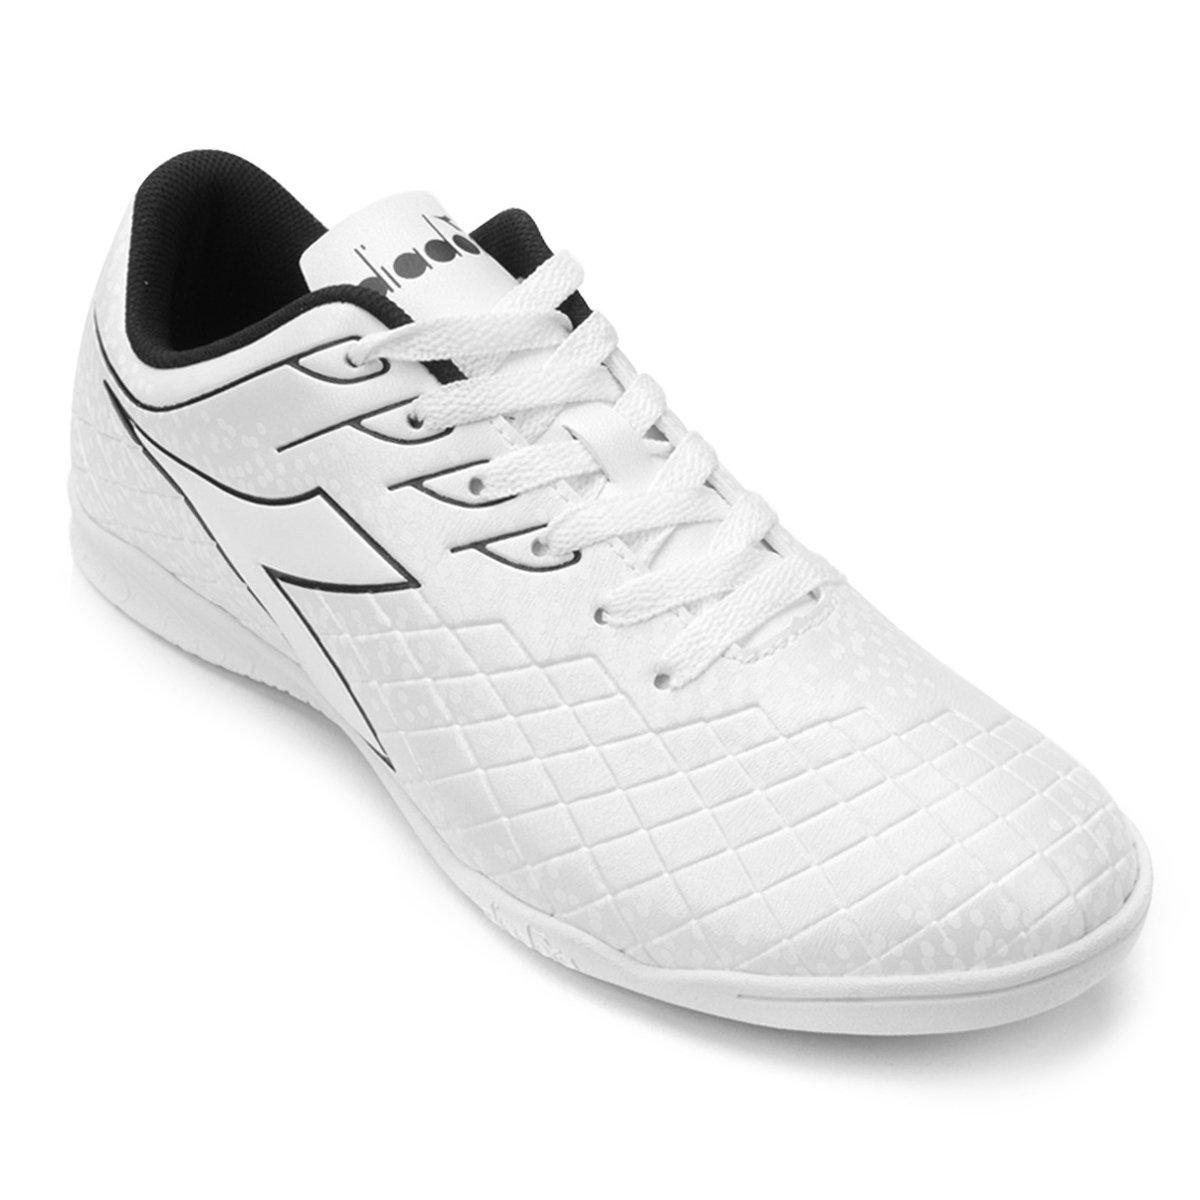 a1344856d9 Chuteira Futsal Diadora Cage - Branco